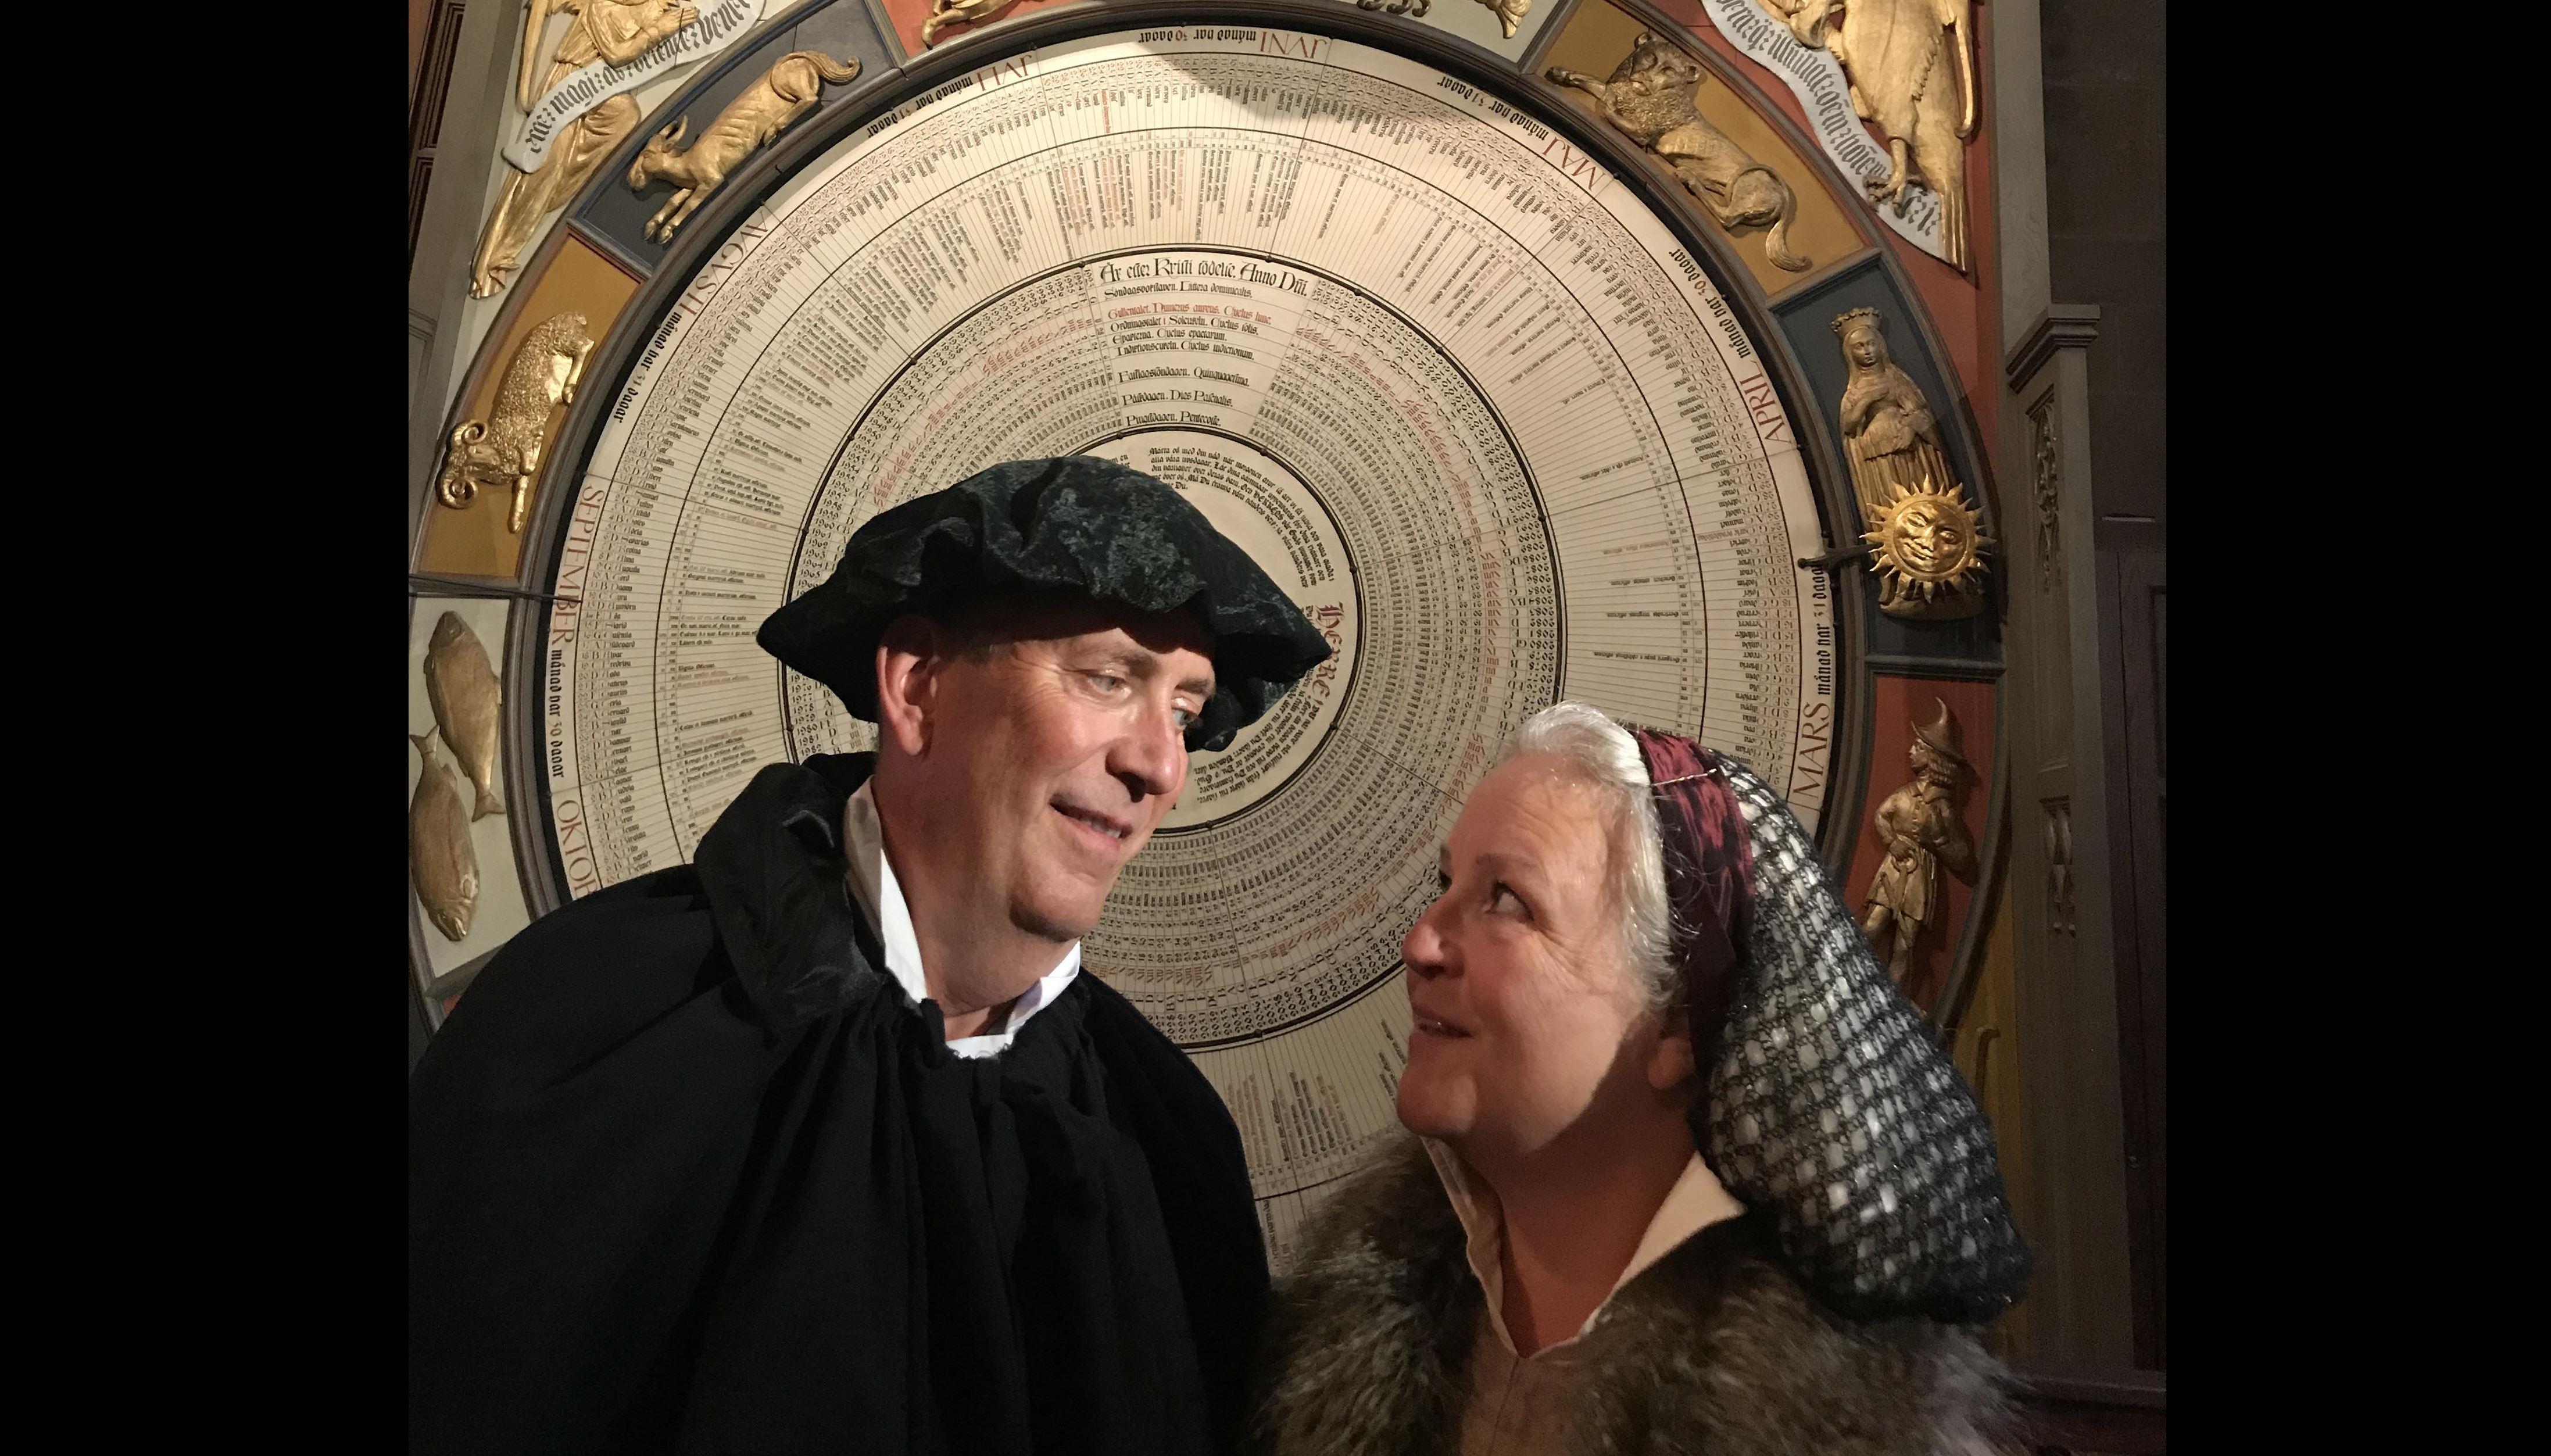 Middag och bordssamtal med Martin Luther och Katarina von Bora